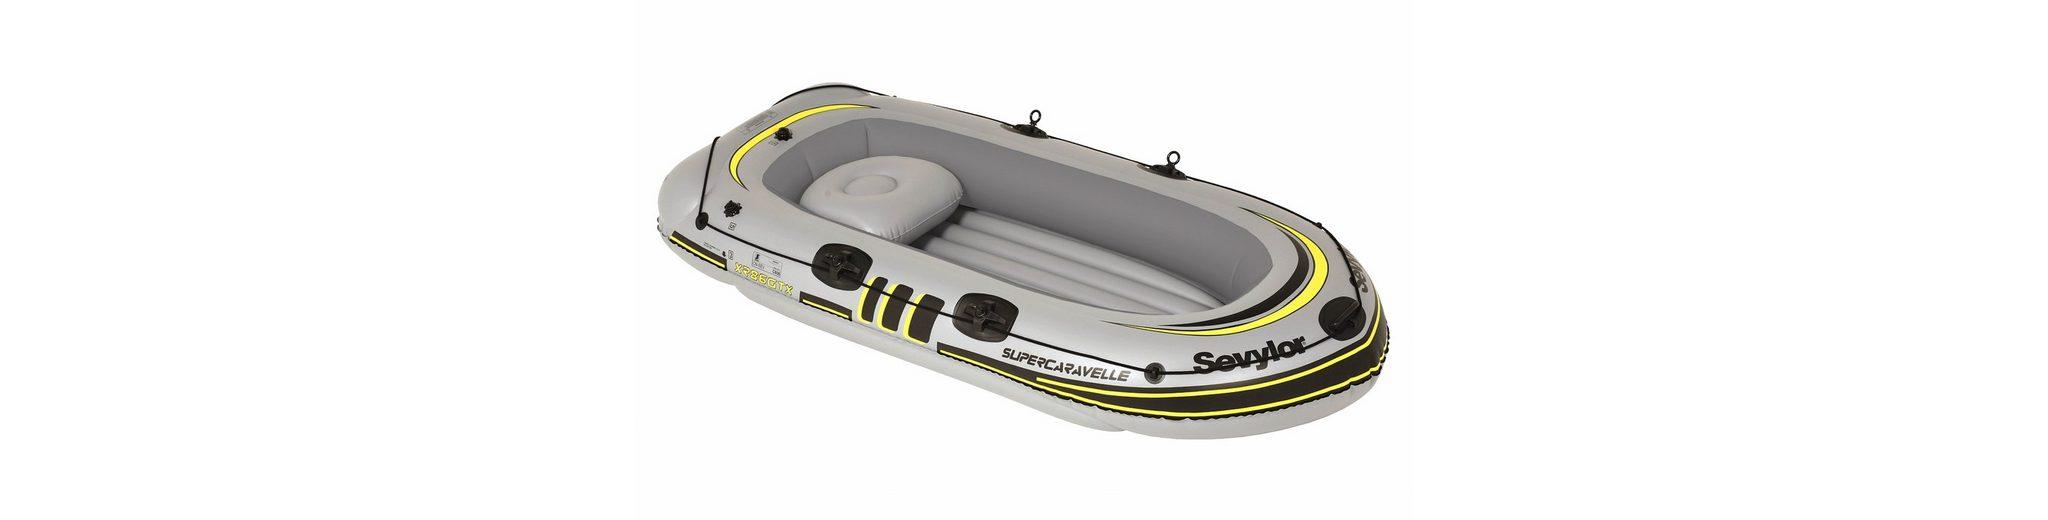 Sevylor Schlauchboot »Supercaravelle XR86GTX-7 Schlauchboot«